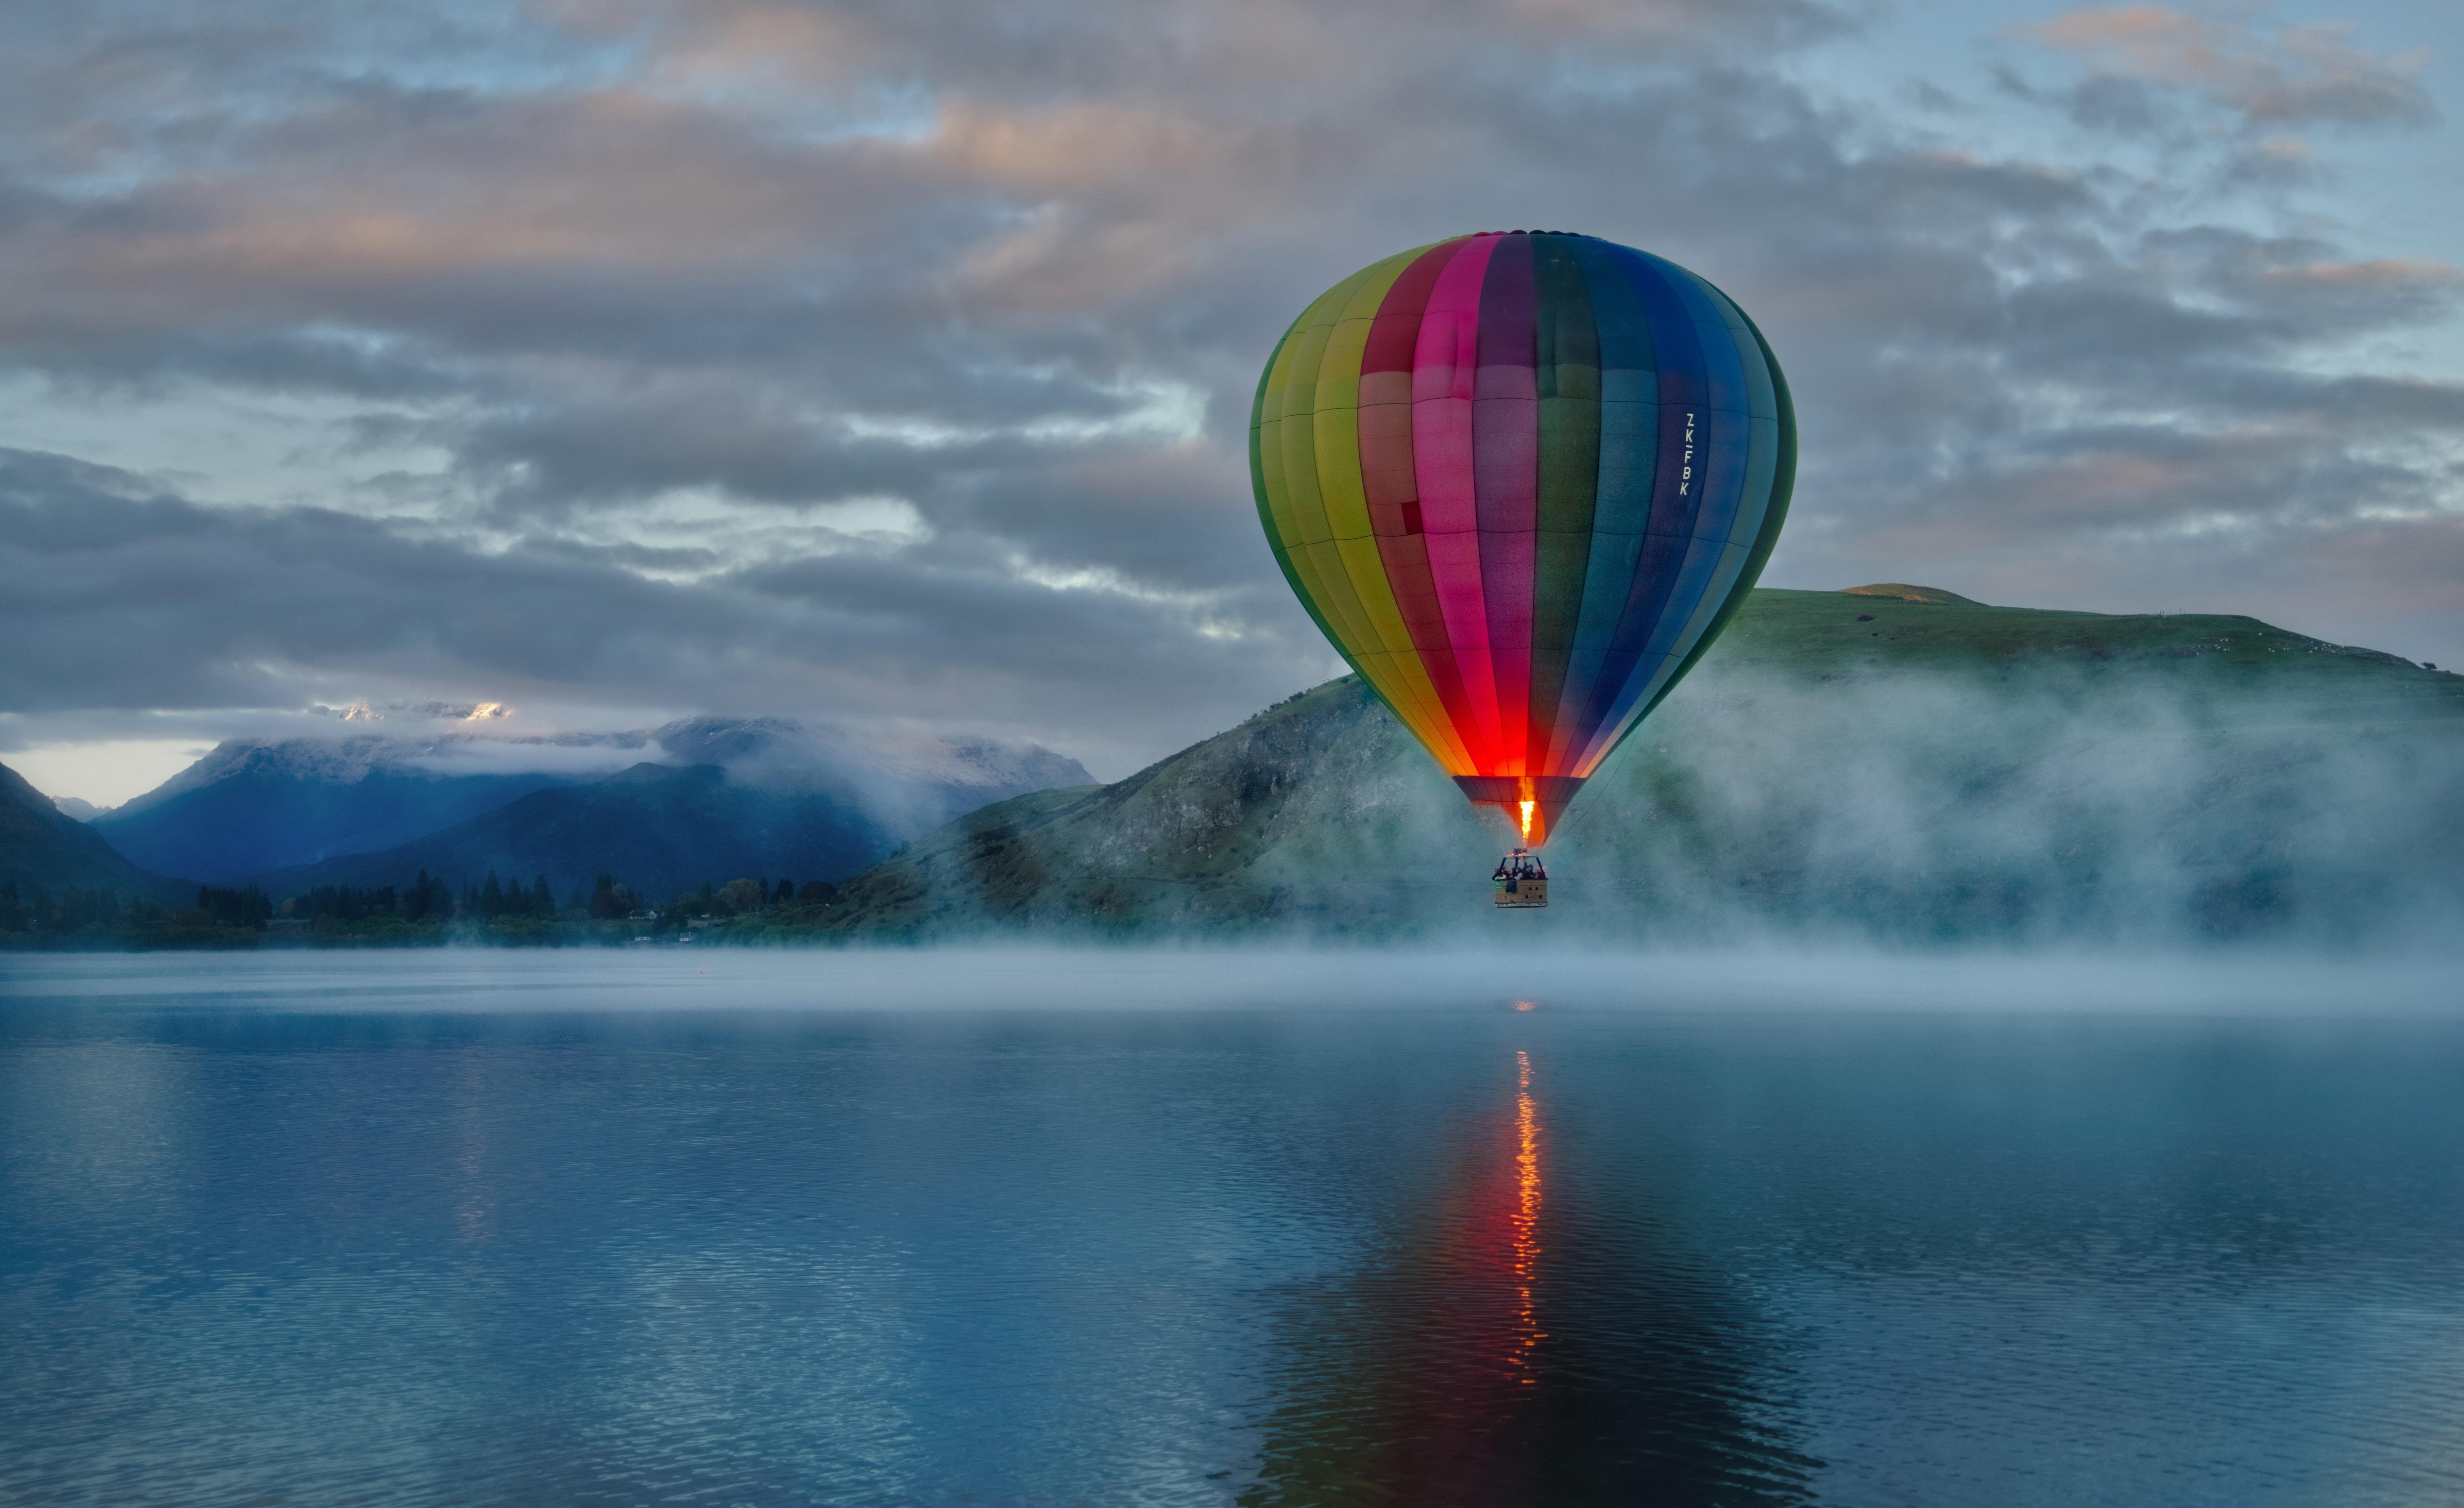 Fondos de pantalla Globo aerostático en lago con montañas